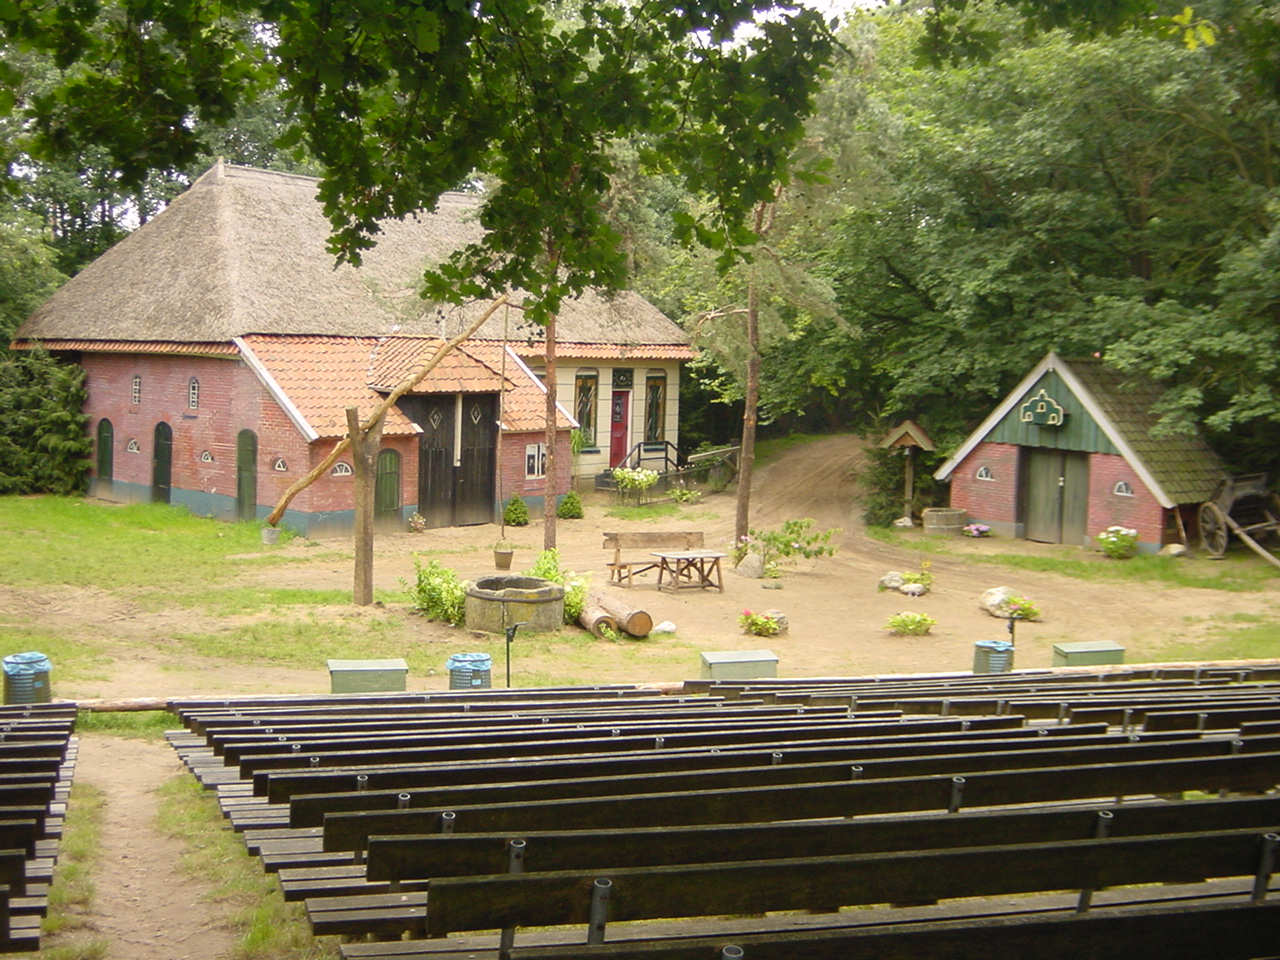 Kerkdienst-in-de-Kosterskoele